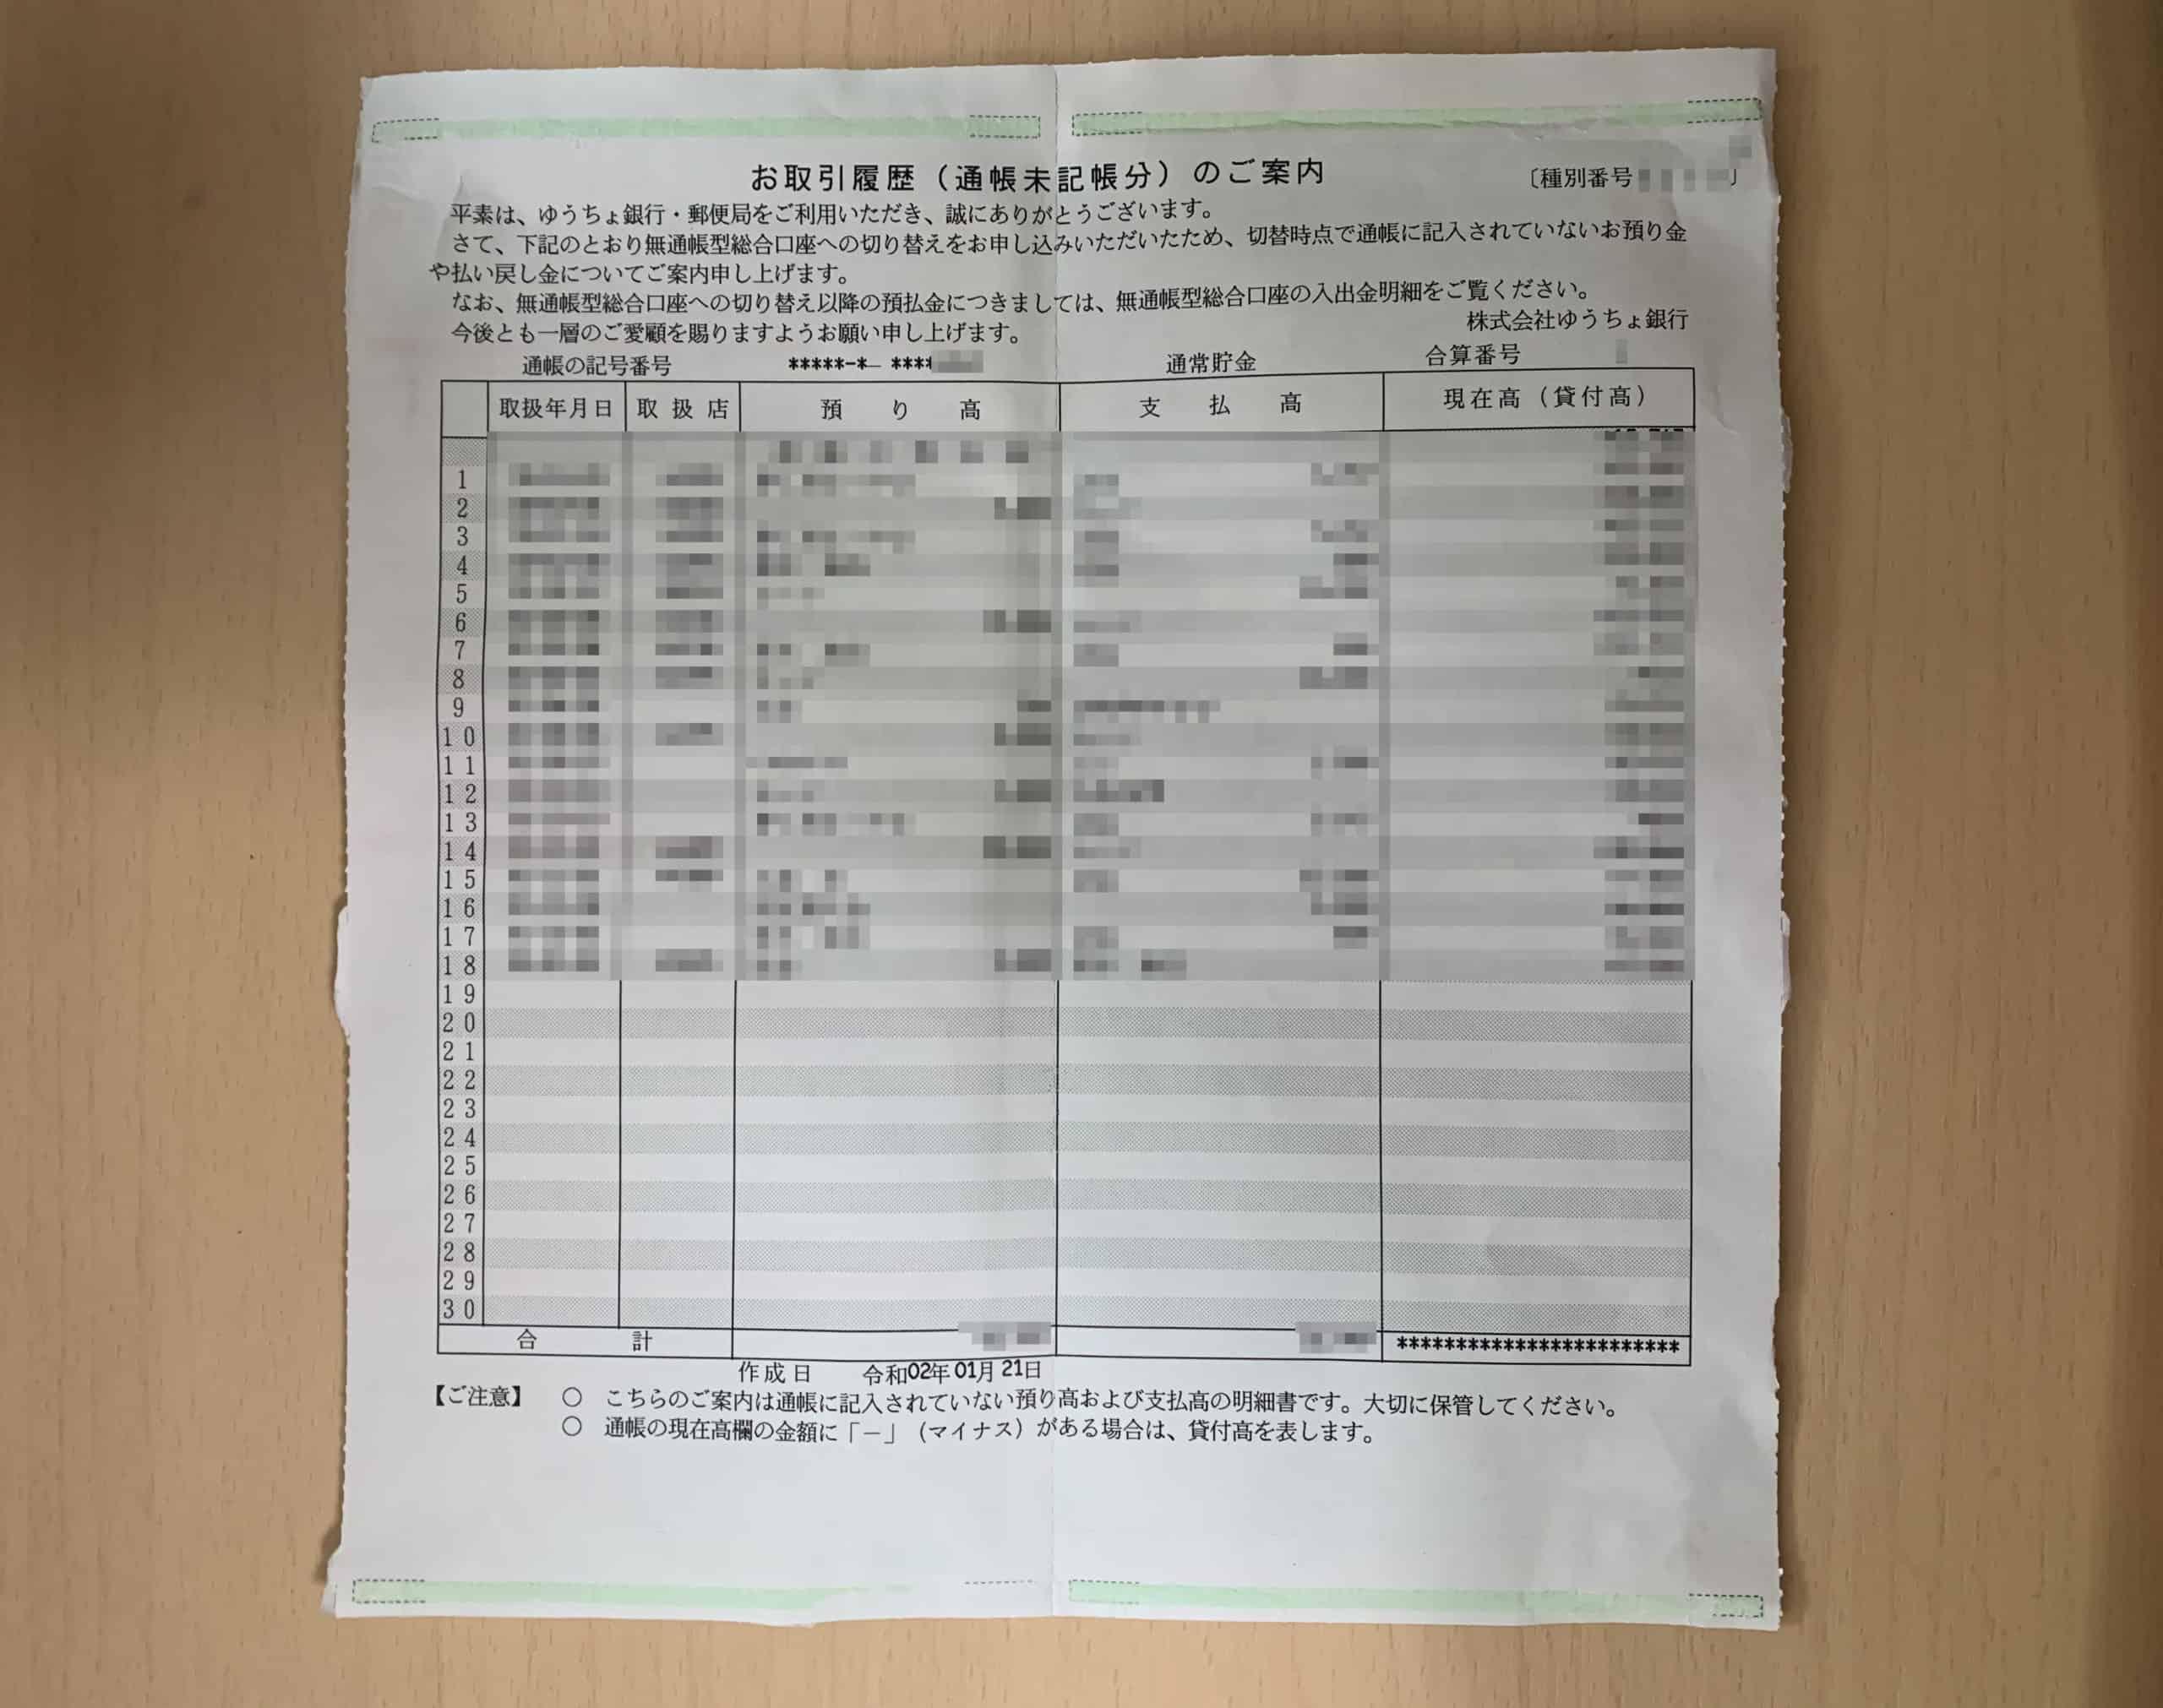 ゆうちょ銀行 通帳未記帳分